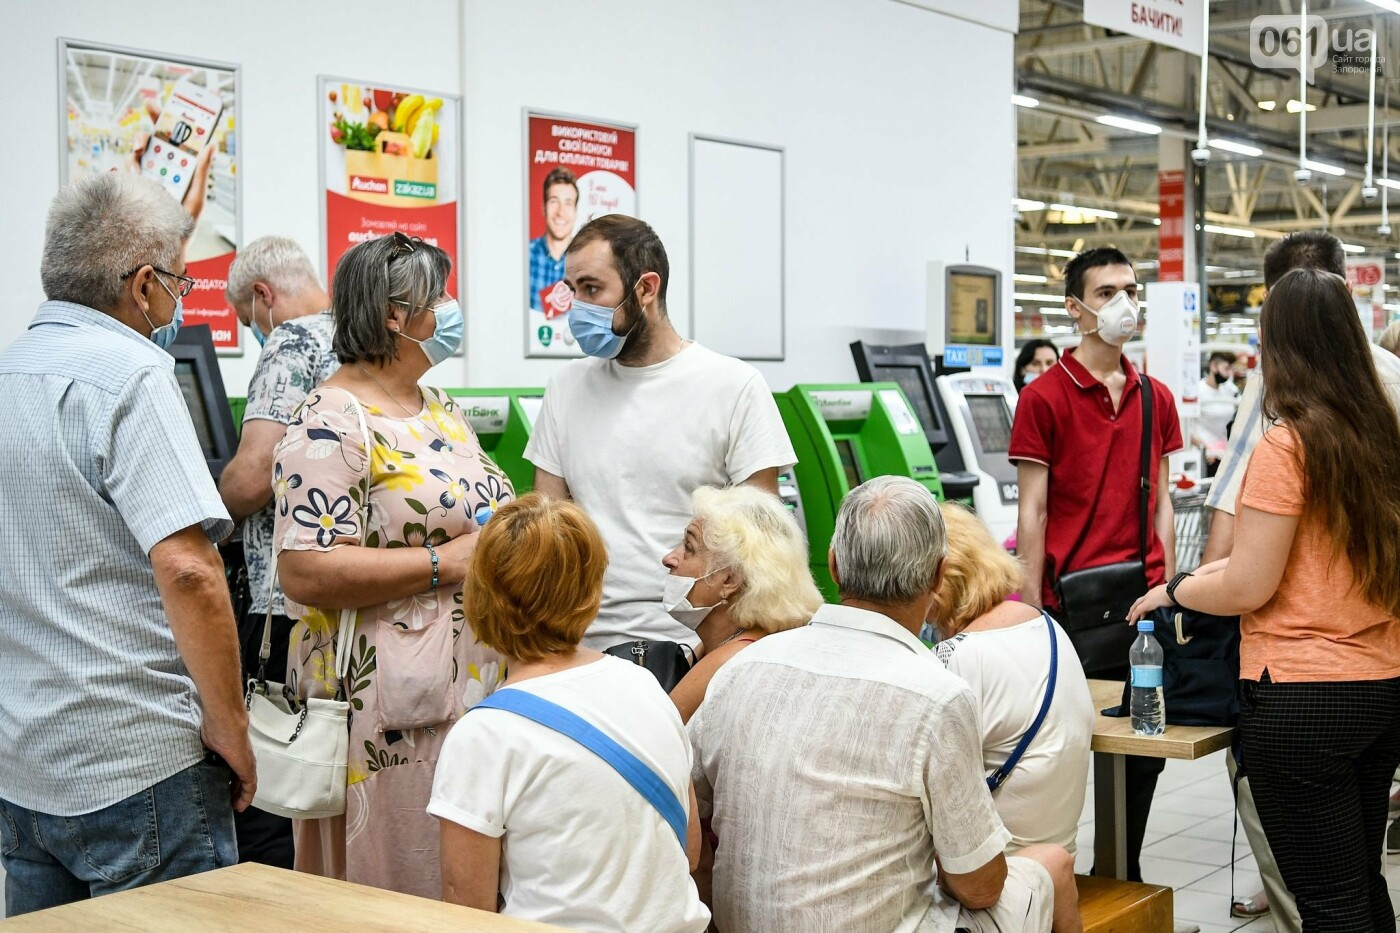 """В Запорожье в """"CITY MALL"""" открылся центр вакцинации: прививают Pfizer, сотни людей стоят в очереди, - ФОТОРЕПОРТАЖ , фото-15"""